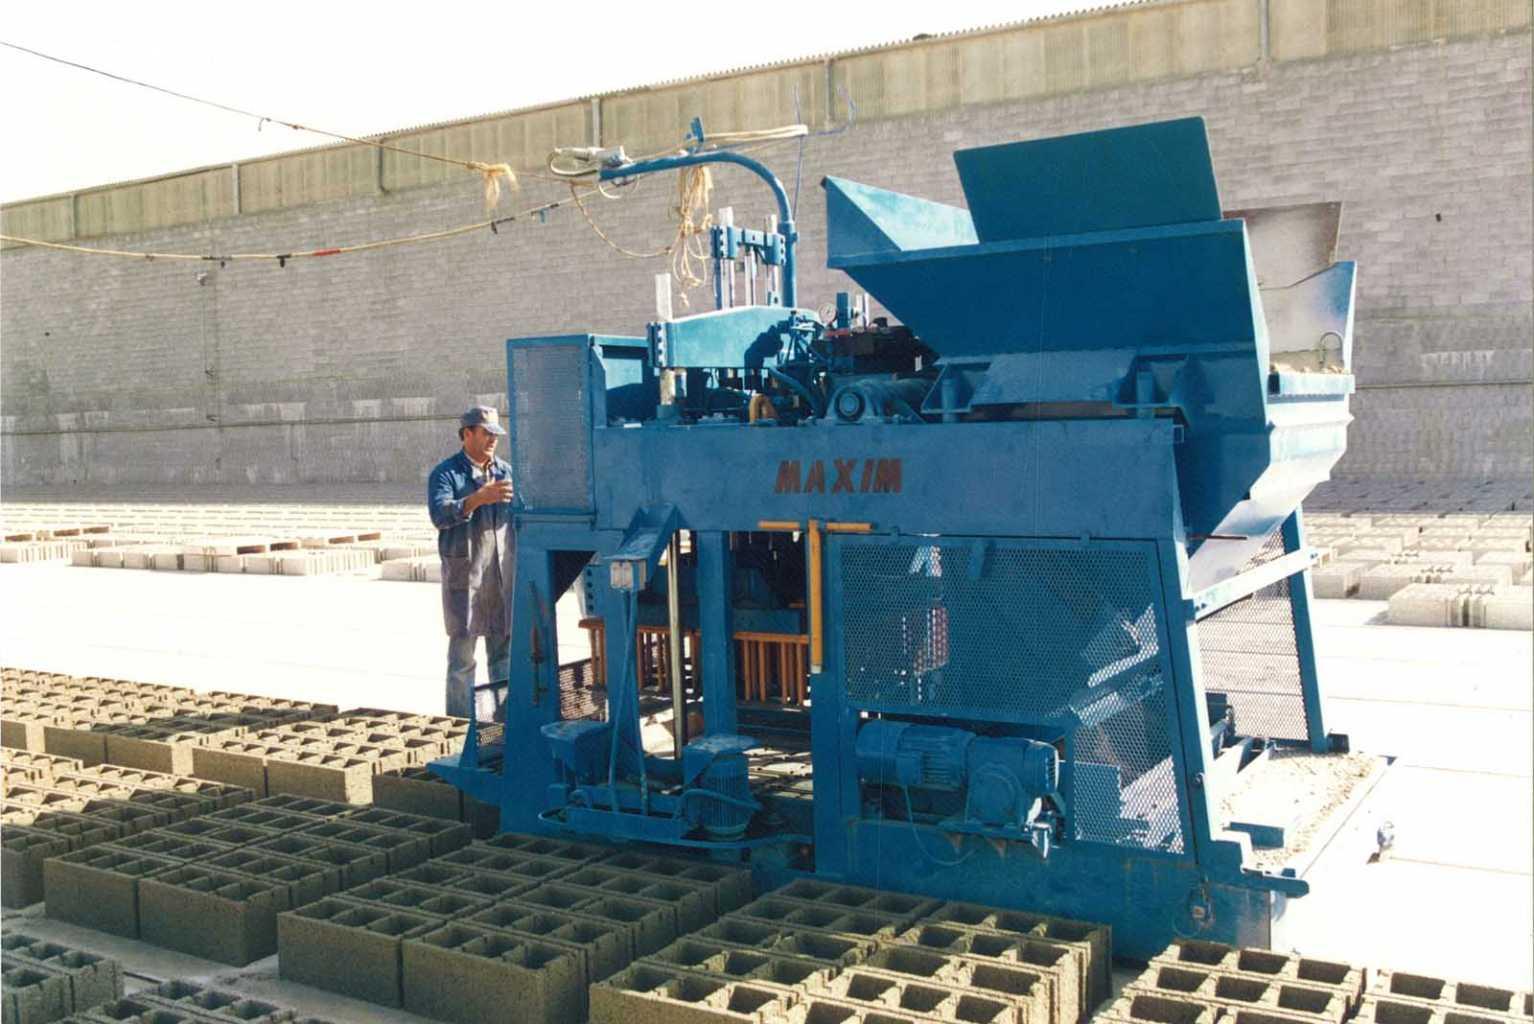 En 1972 Materiales de Construcción Rampuixa adquirió nueva maquinaria que, en aquella época, todavía era manual y muy rudimentaria, pero era la más avanzada del momento.